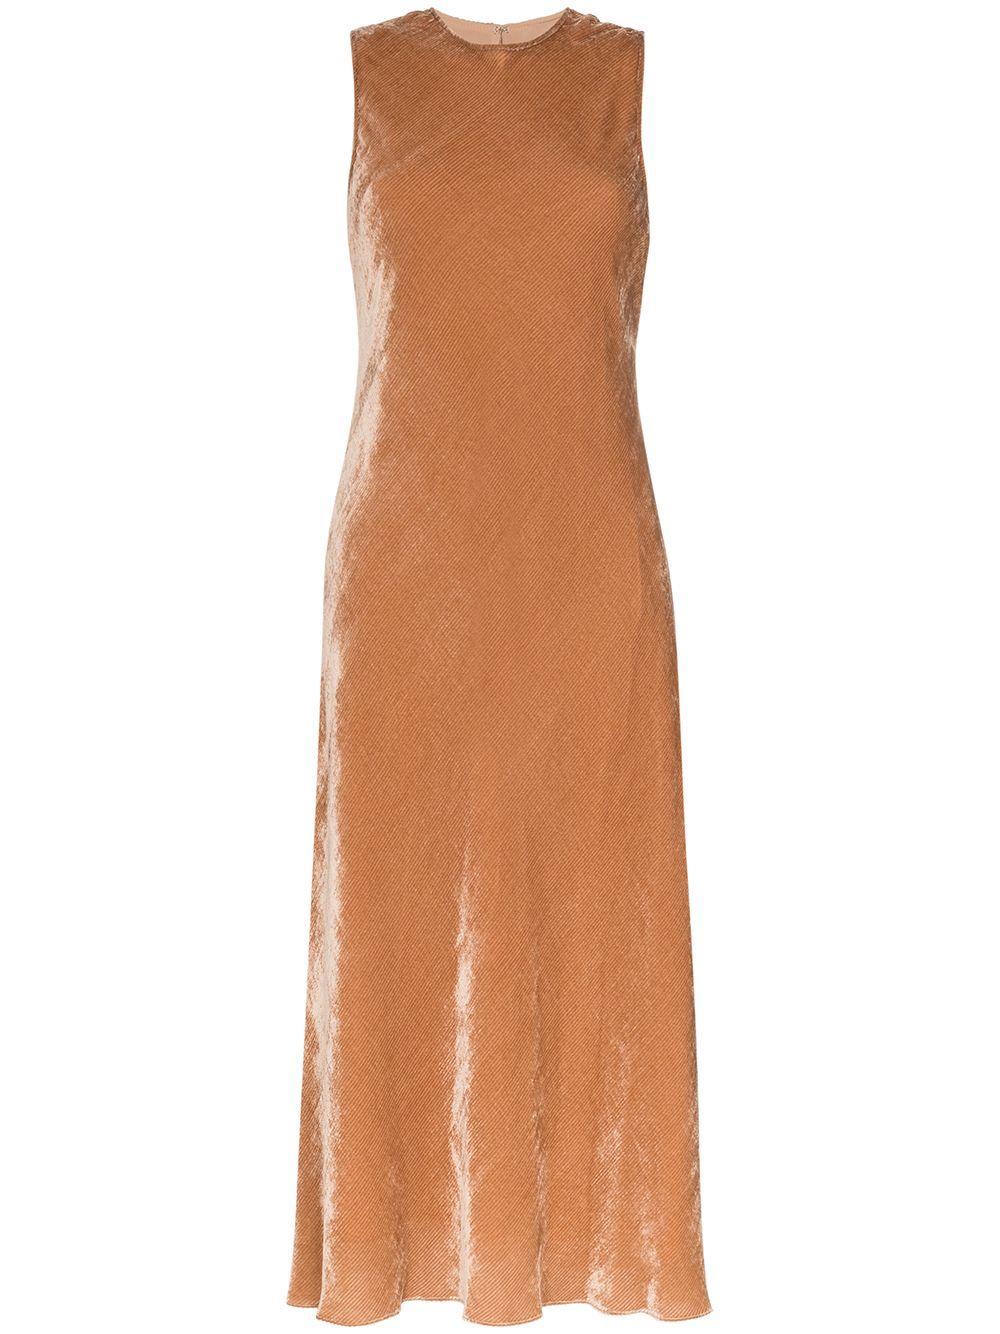 Viv Sleeve Less Velvet Cord Midi Dress